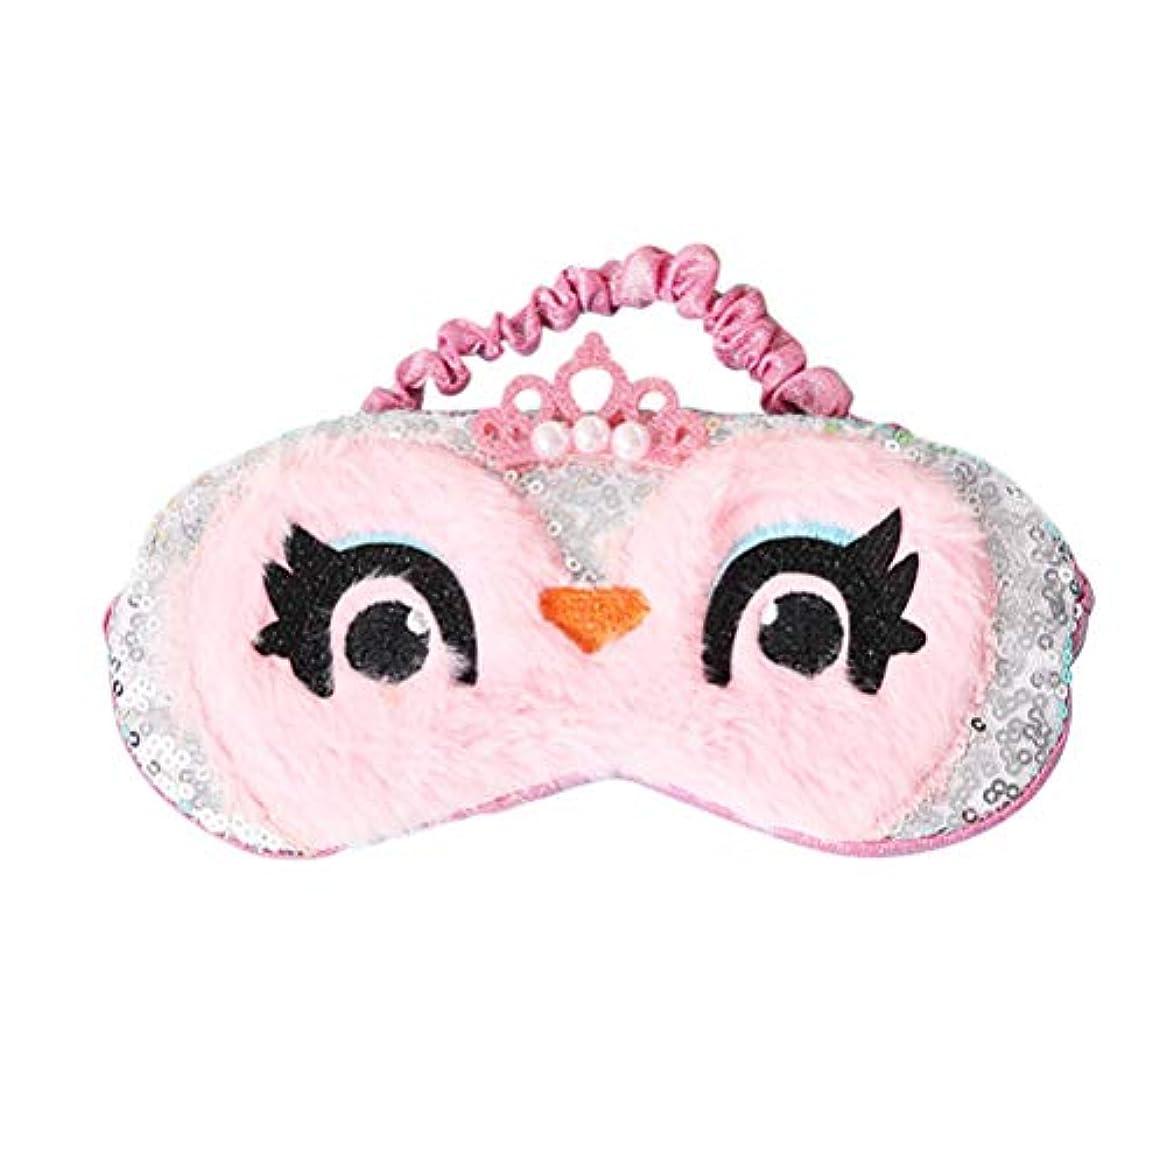 肘シリング代表Healifty アイマスクかわいいぬいぐるみ目隠しアイカバー用女性女の子子供ホームベッド旅行フライトカーキャンプ用(ピンク)